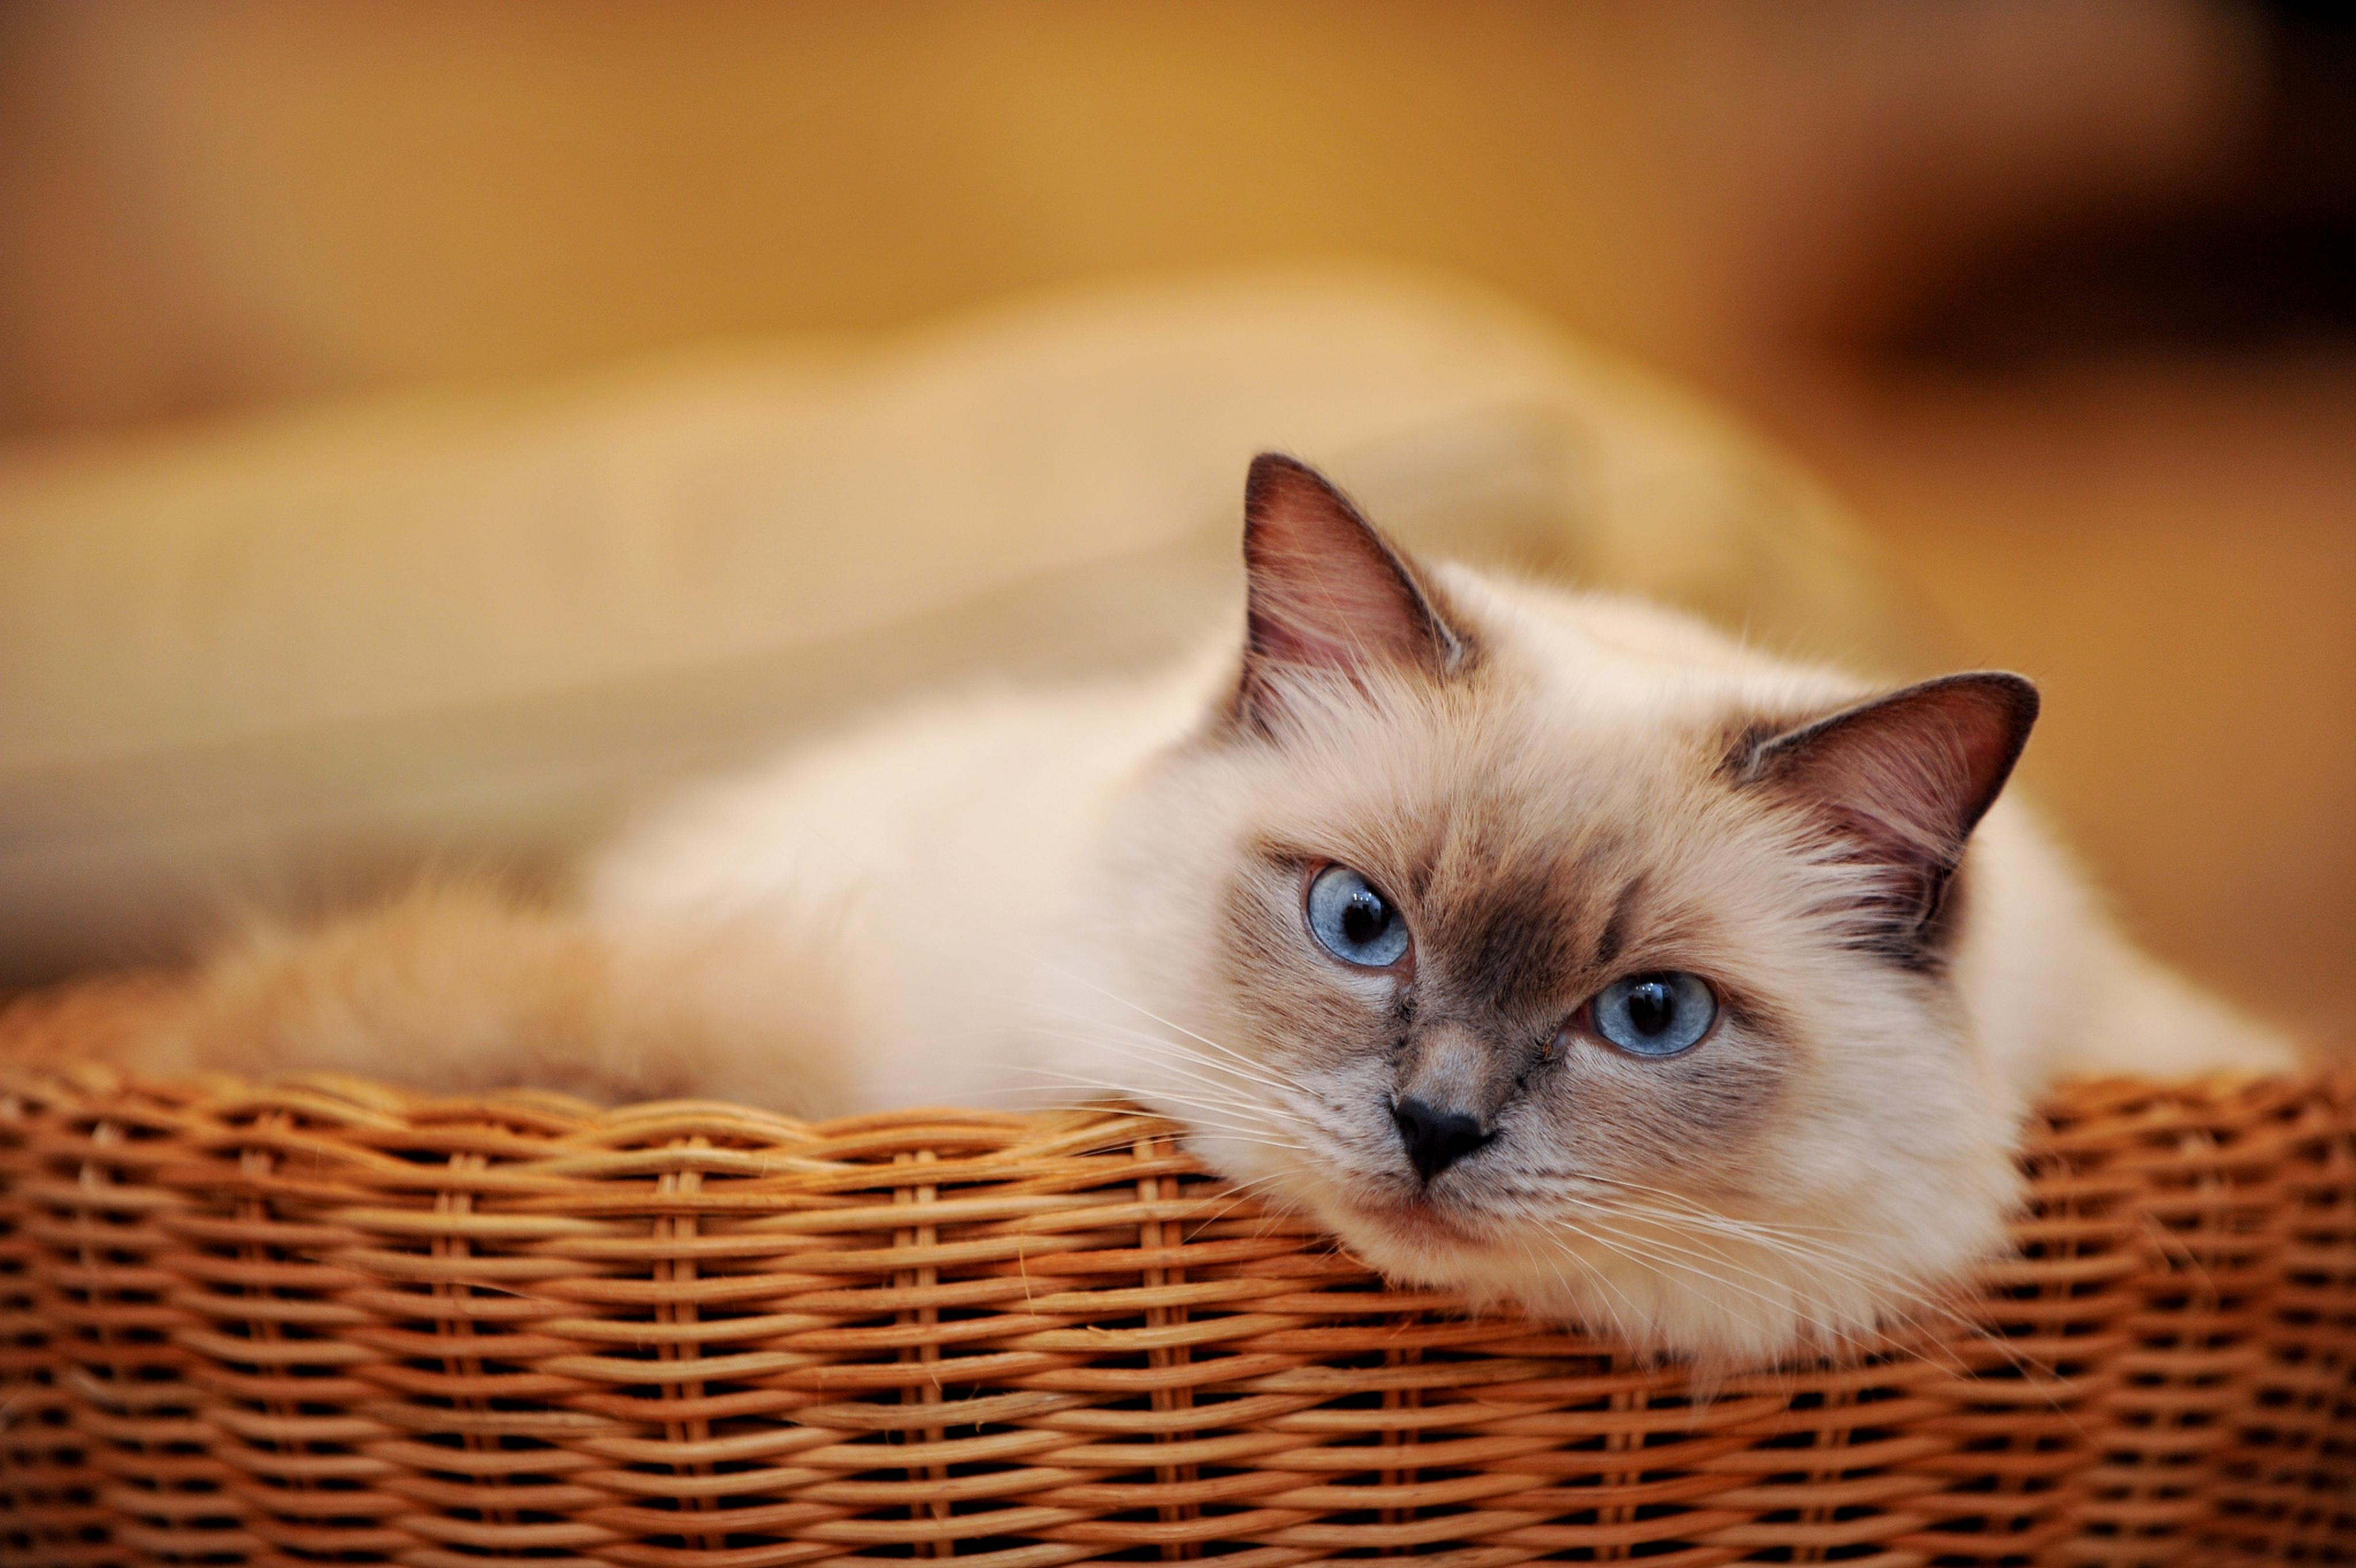 широкоформатные обои кошки на рабочий стол высокого качества бесплатно № 213507 бесплатно